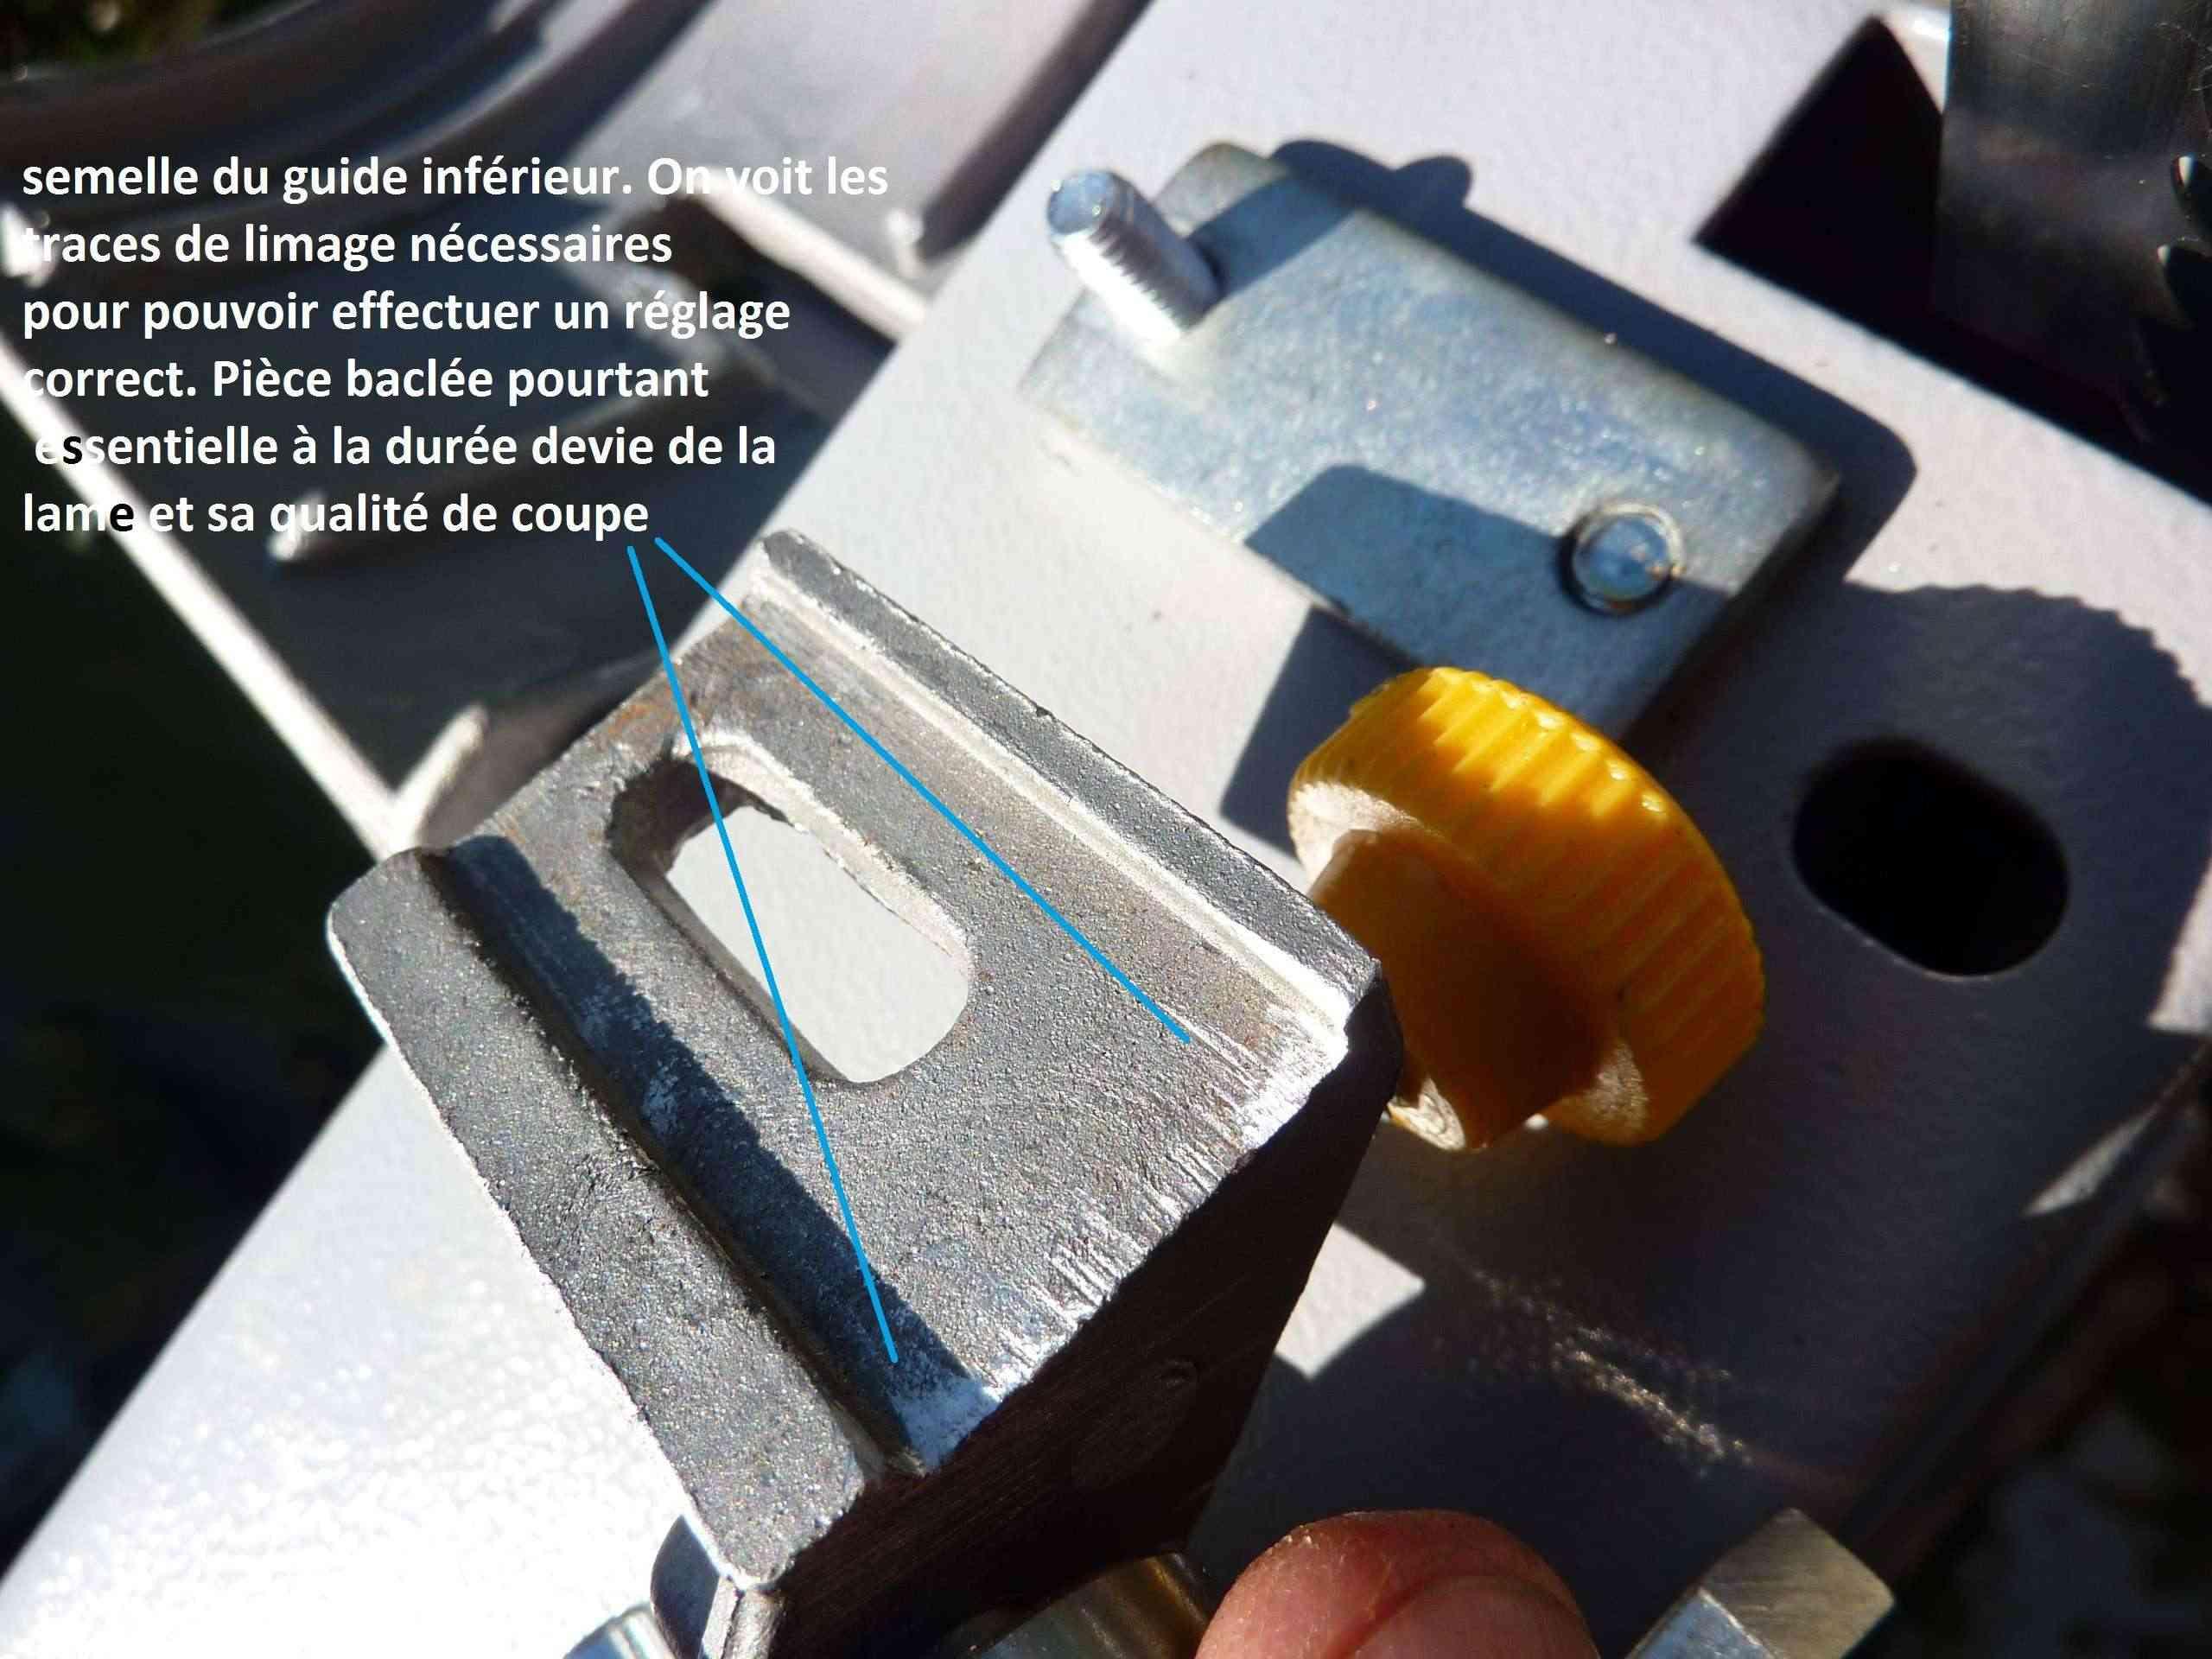 MA présentation de la scie à ruban Peugeot Energy band 160 à 279€ 5_1_gu10